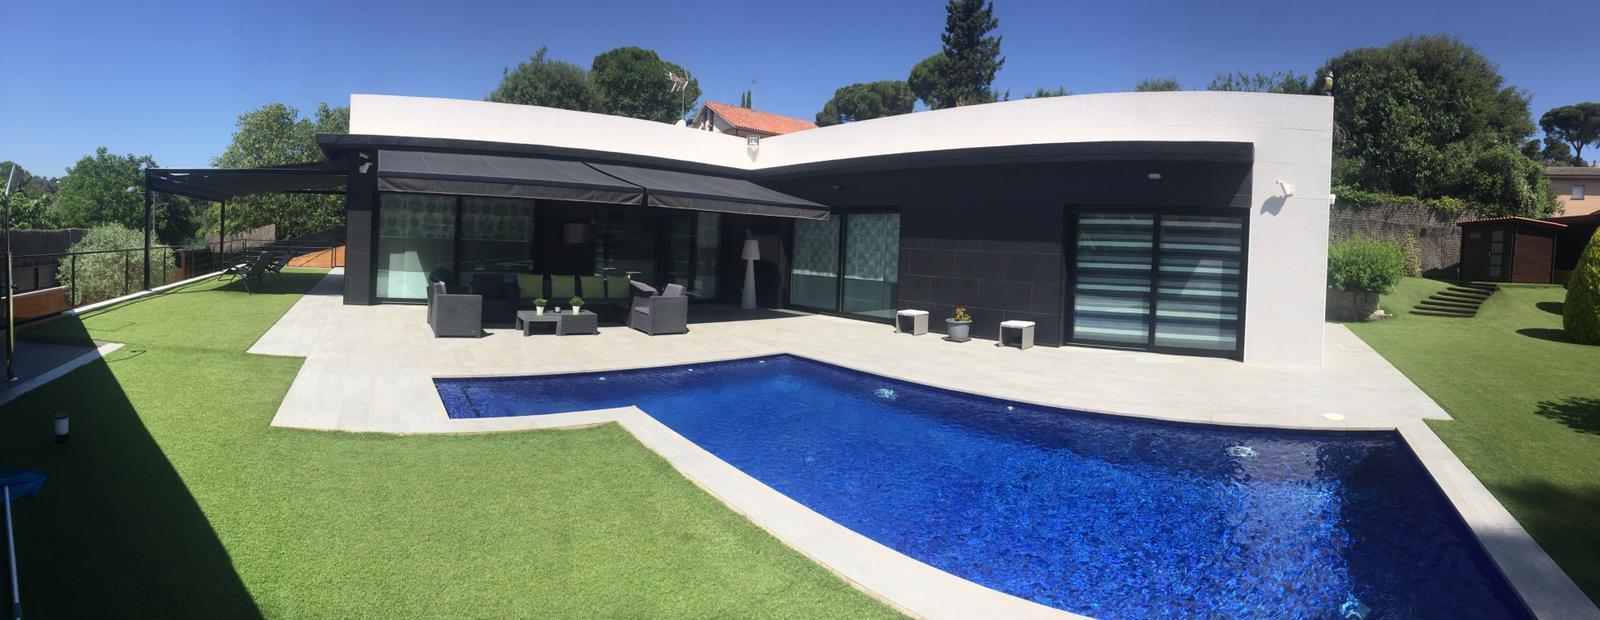 Barcelone (San Cugat del Valles) magnifique villa avec piscine à vendre